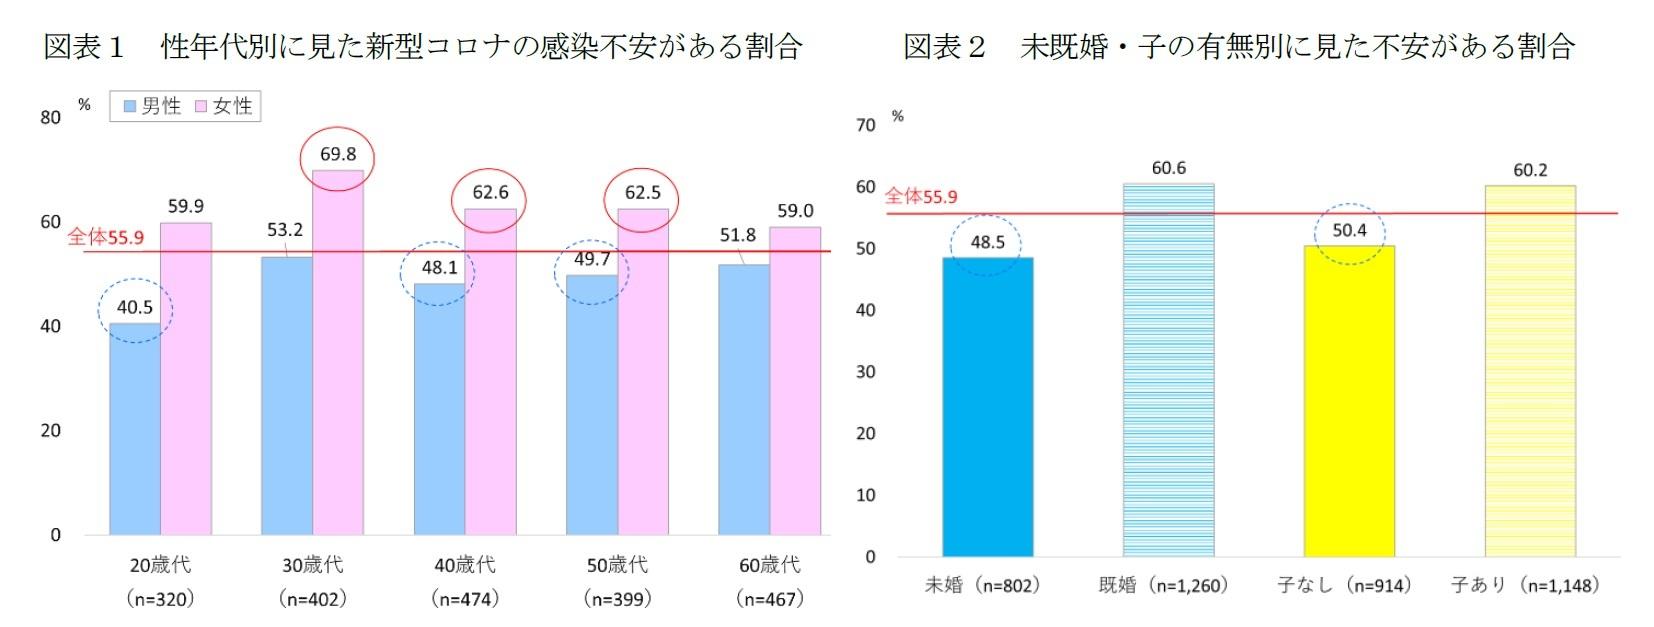 図表1 性年代別に見た新型コロナの感染不安がある割合/図表2 未既婚・子の有無別に見た不安がある割合